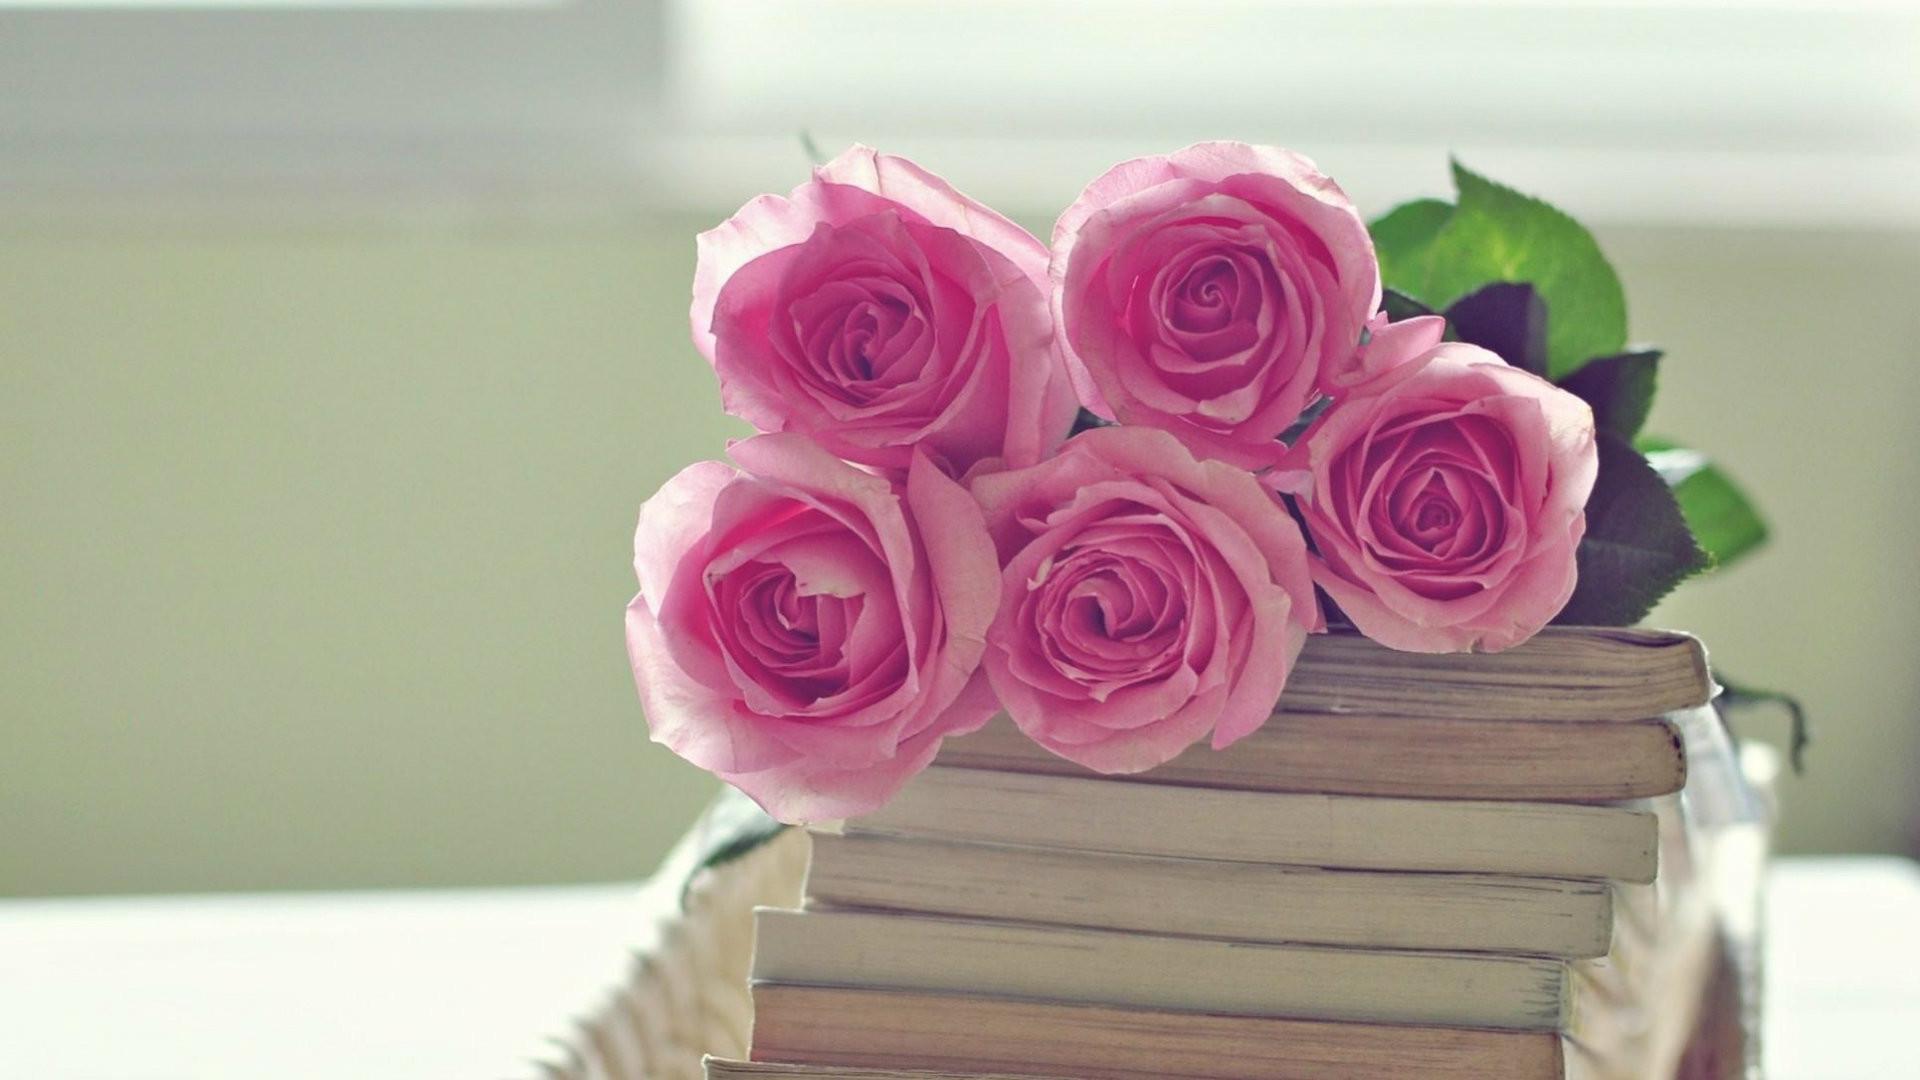 Roses Wallpaper For Desktop 46 Images